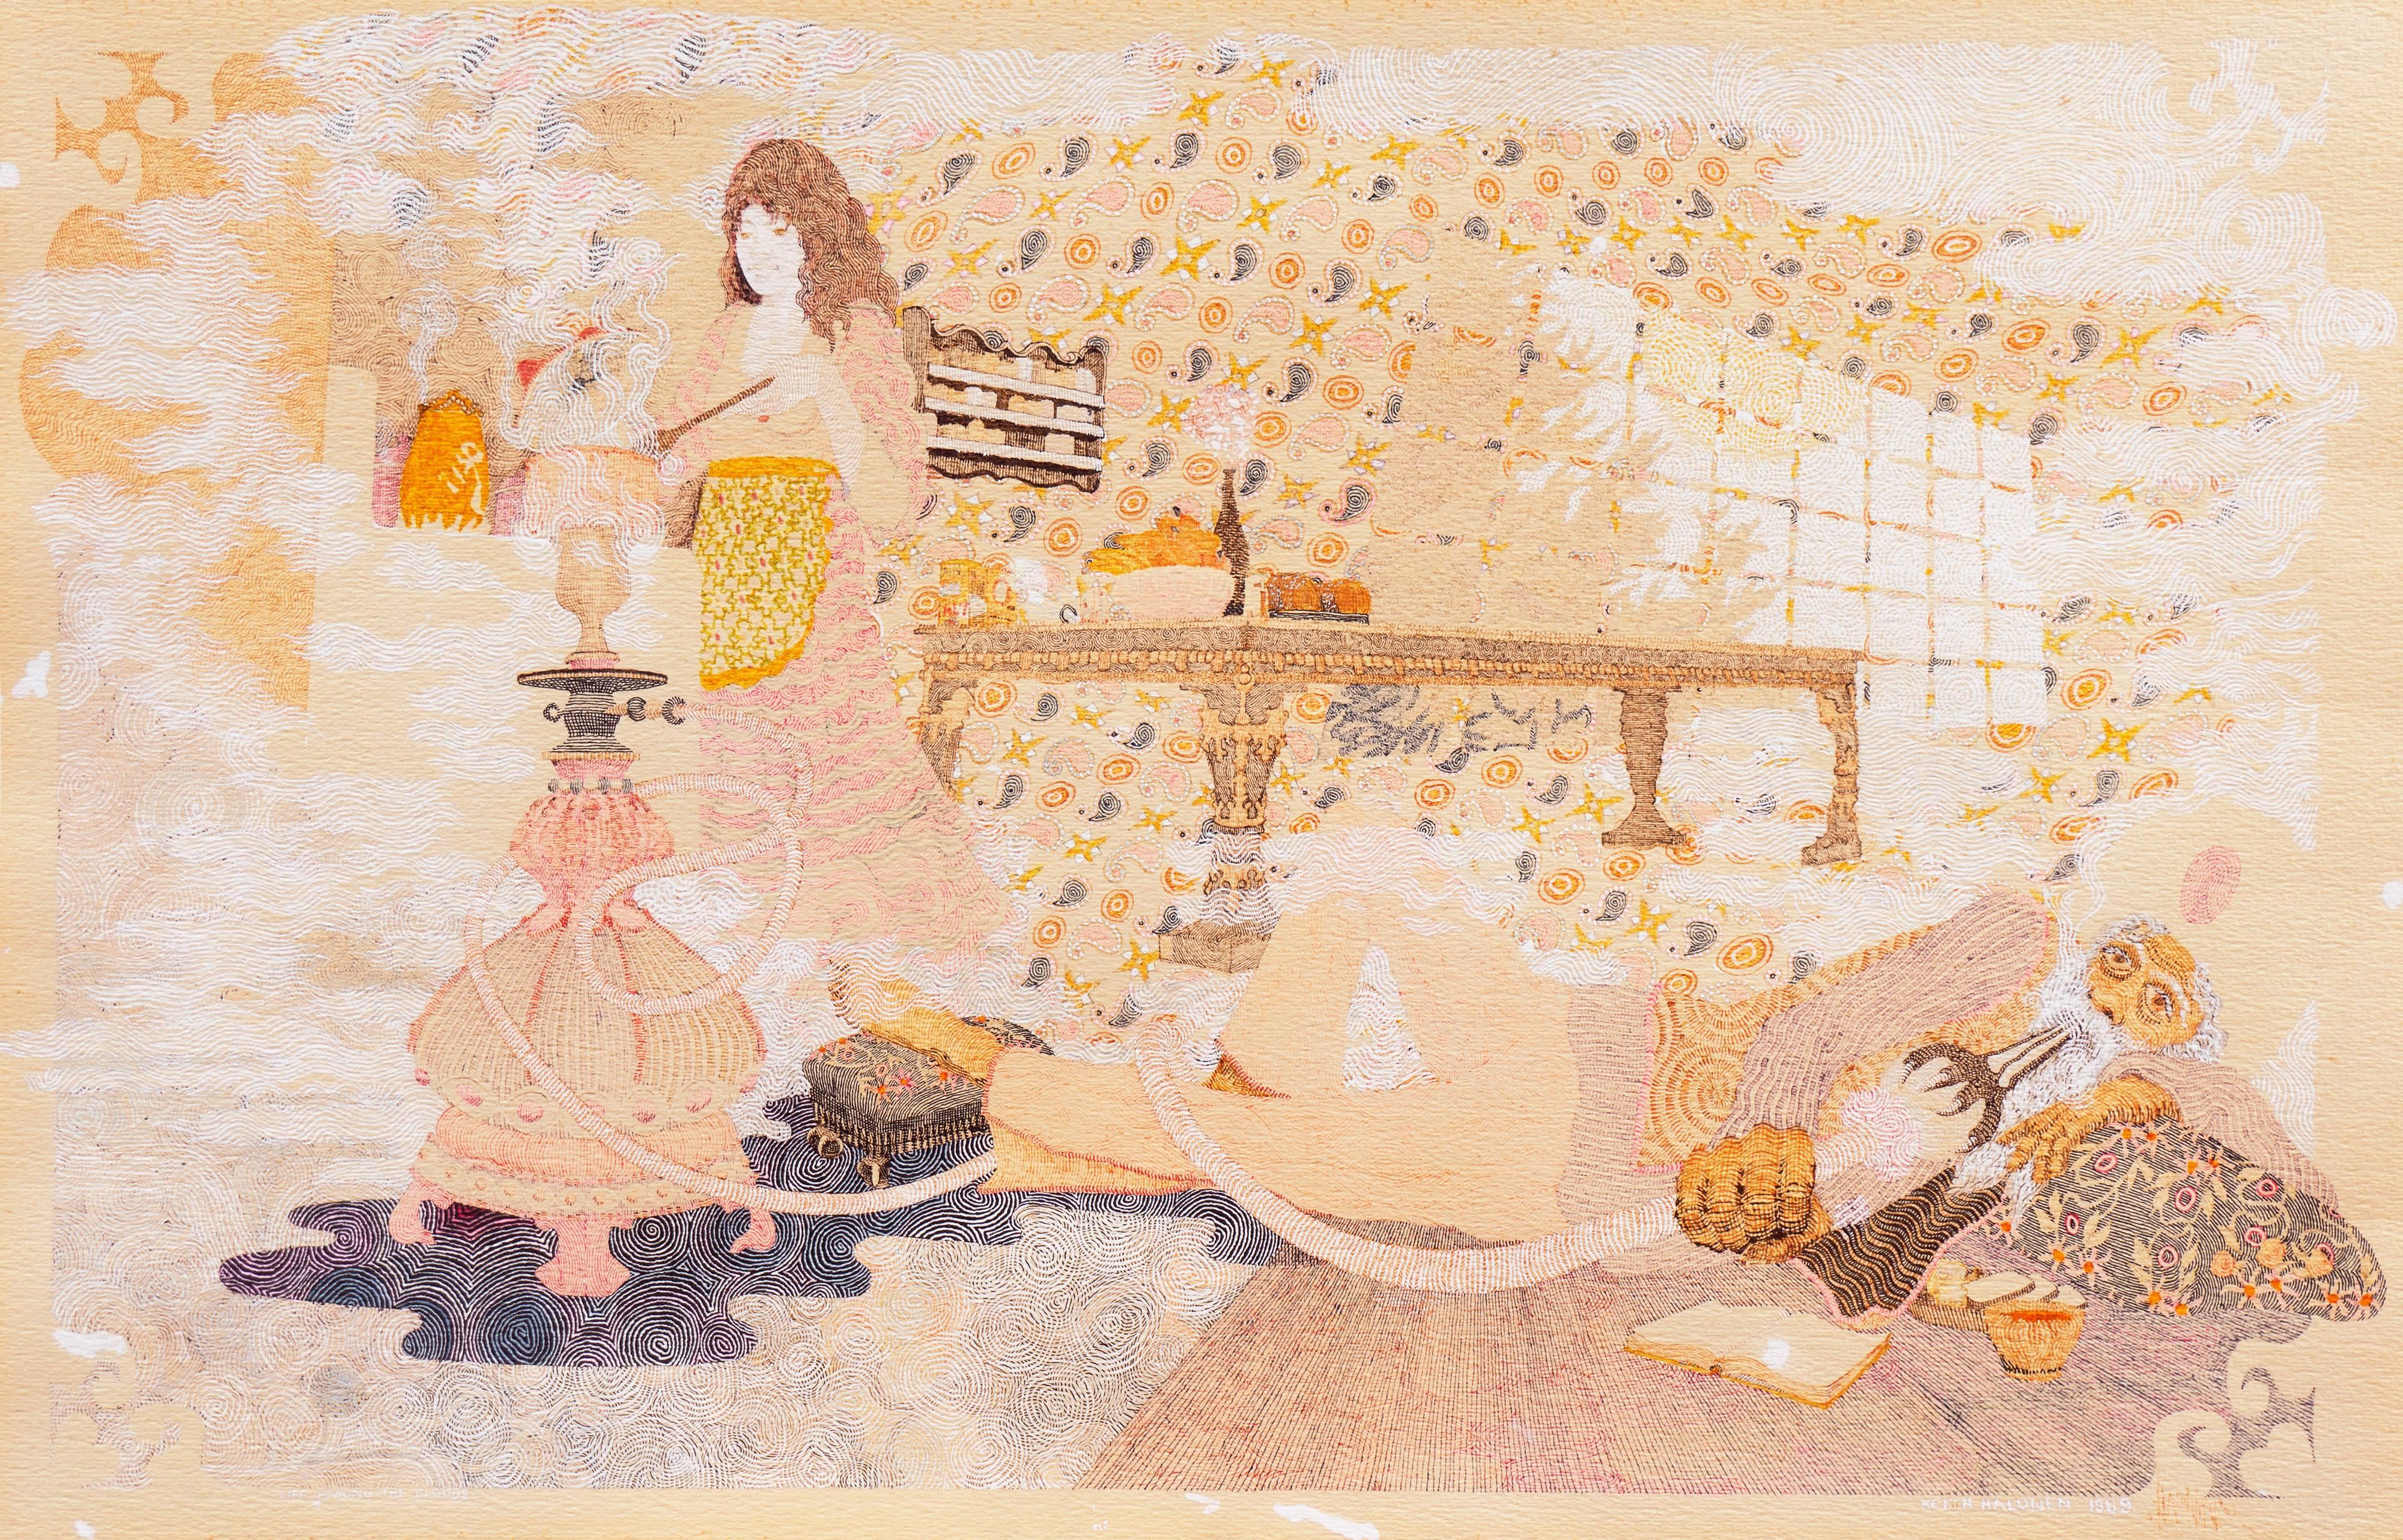 'Life Among the Clouds', Hookah, Persian, Indian, Sufi, Hashish